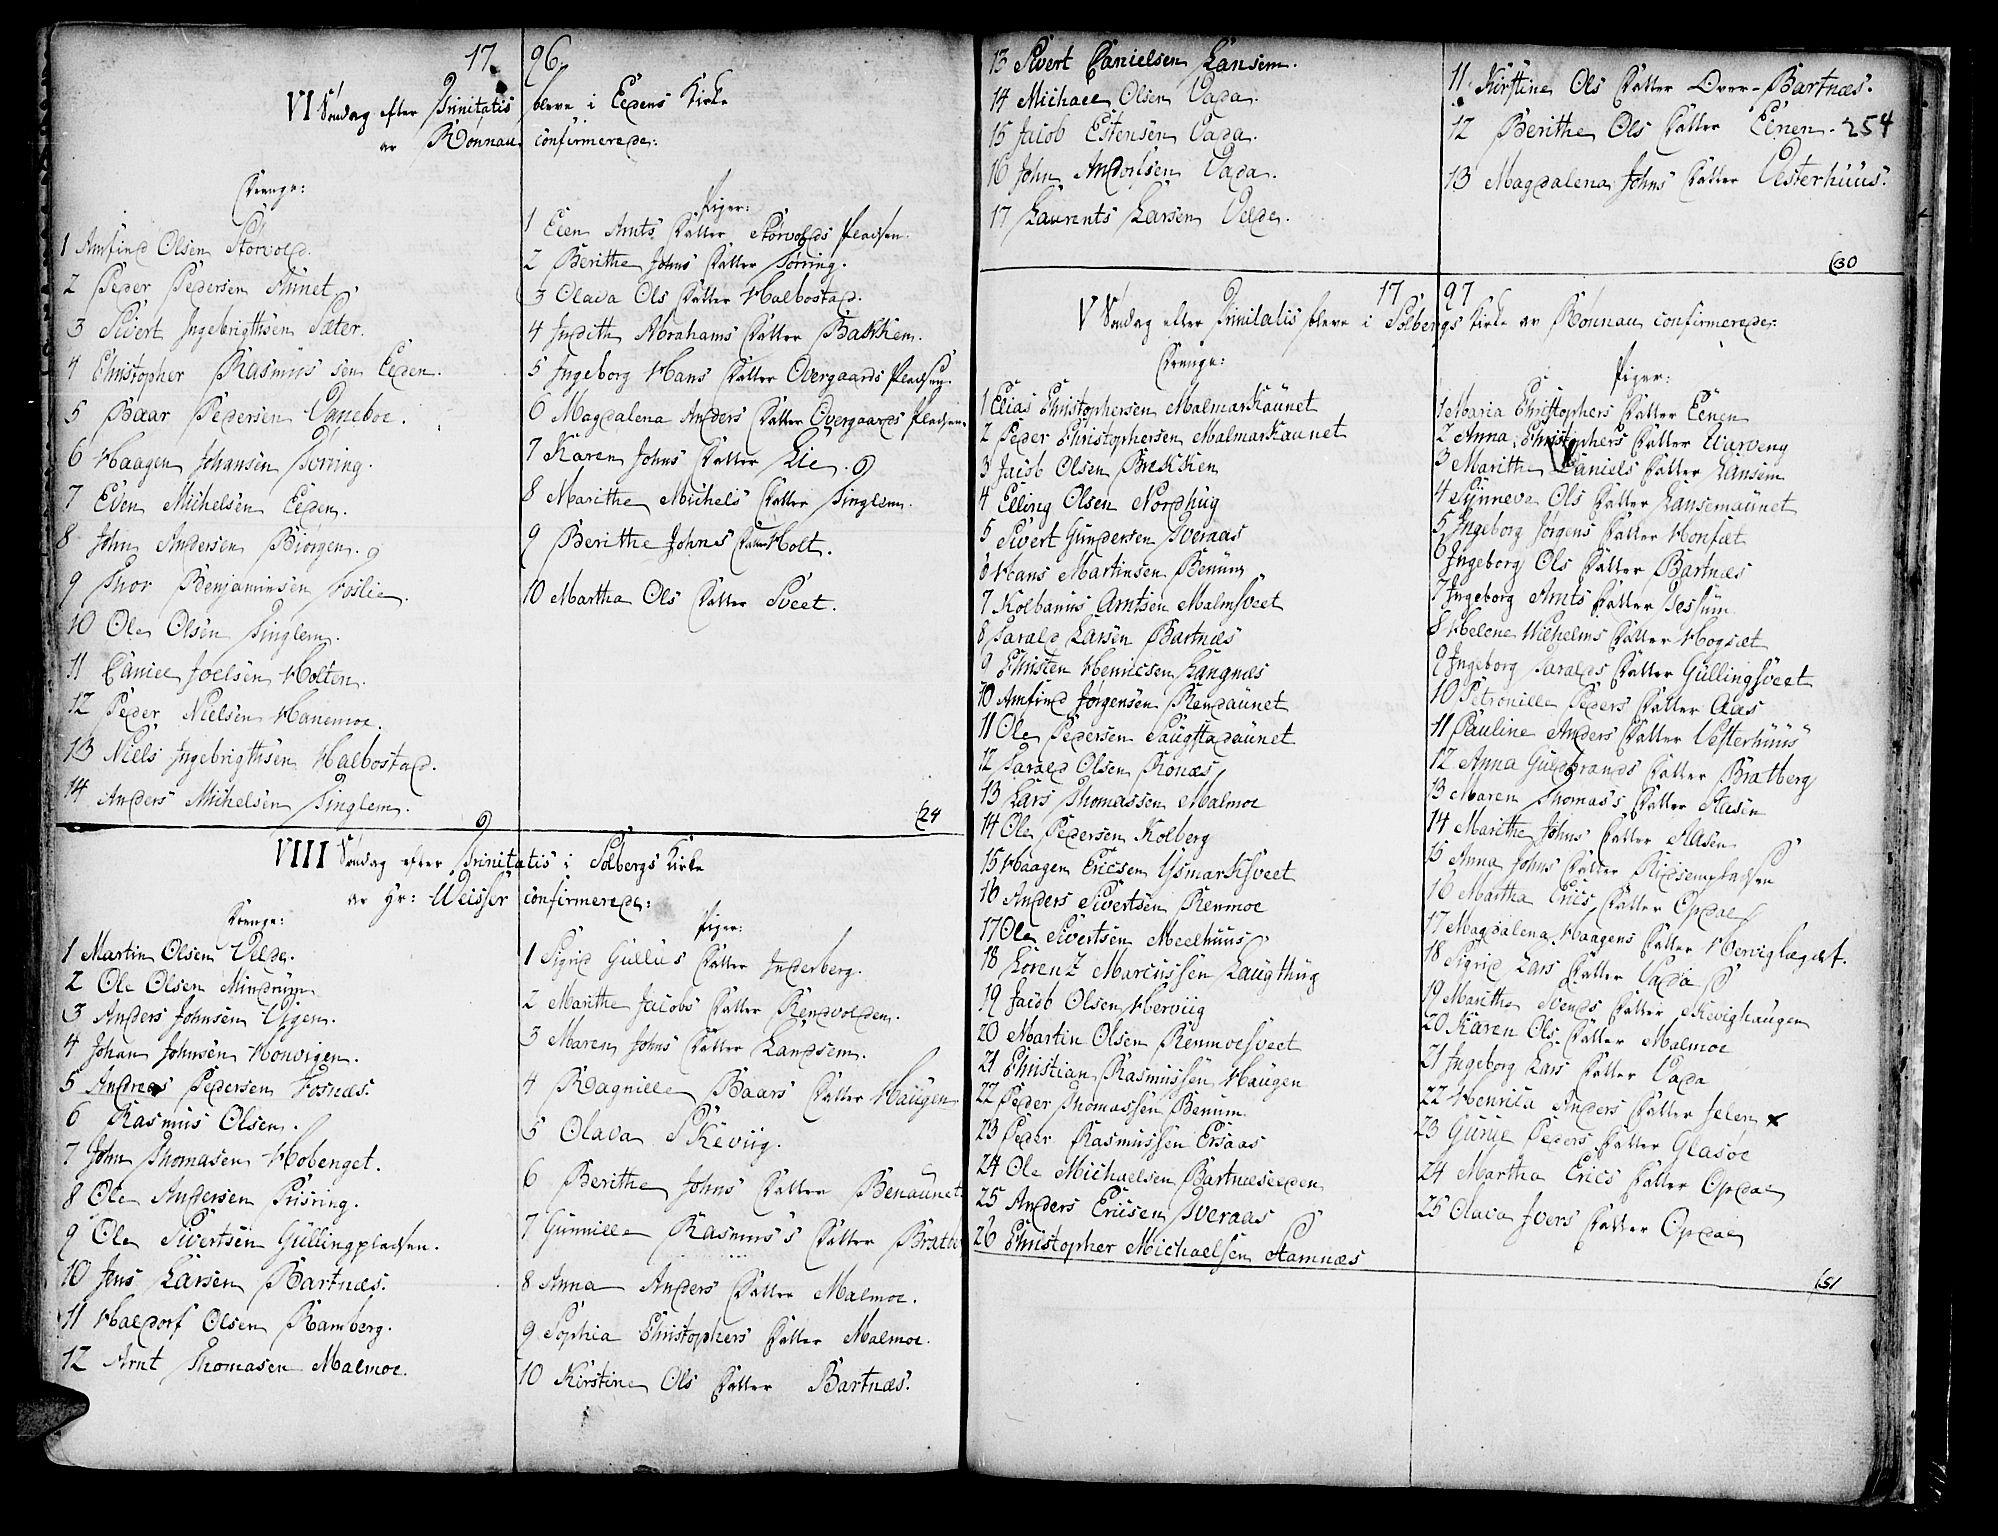 SAT, Ministerialprotokoller, klokkerbøker og fødselsregistre - Nord-Trøndelag, 741/L0385: Ministerialbok nr. 741A01, 1722-1815, s. 254